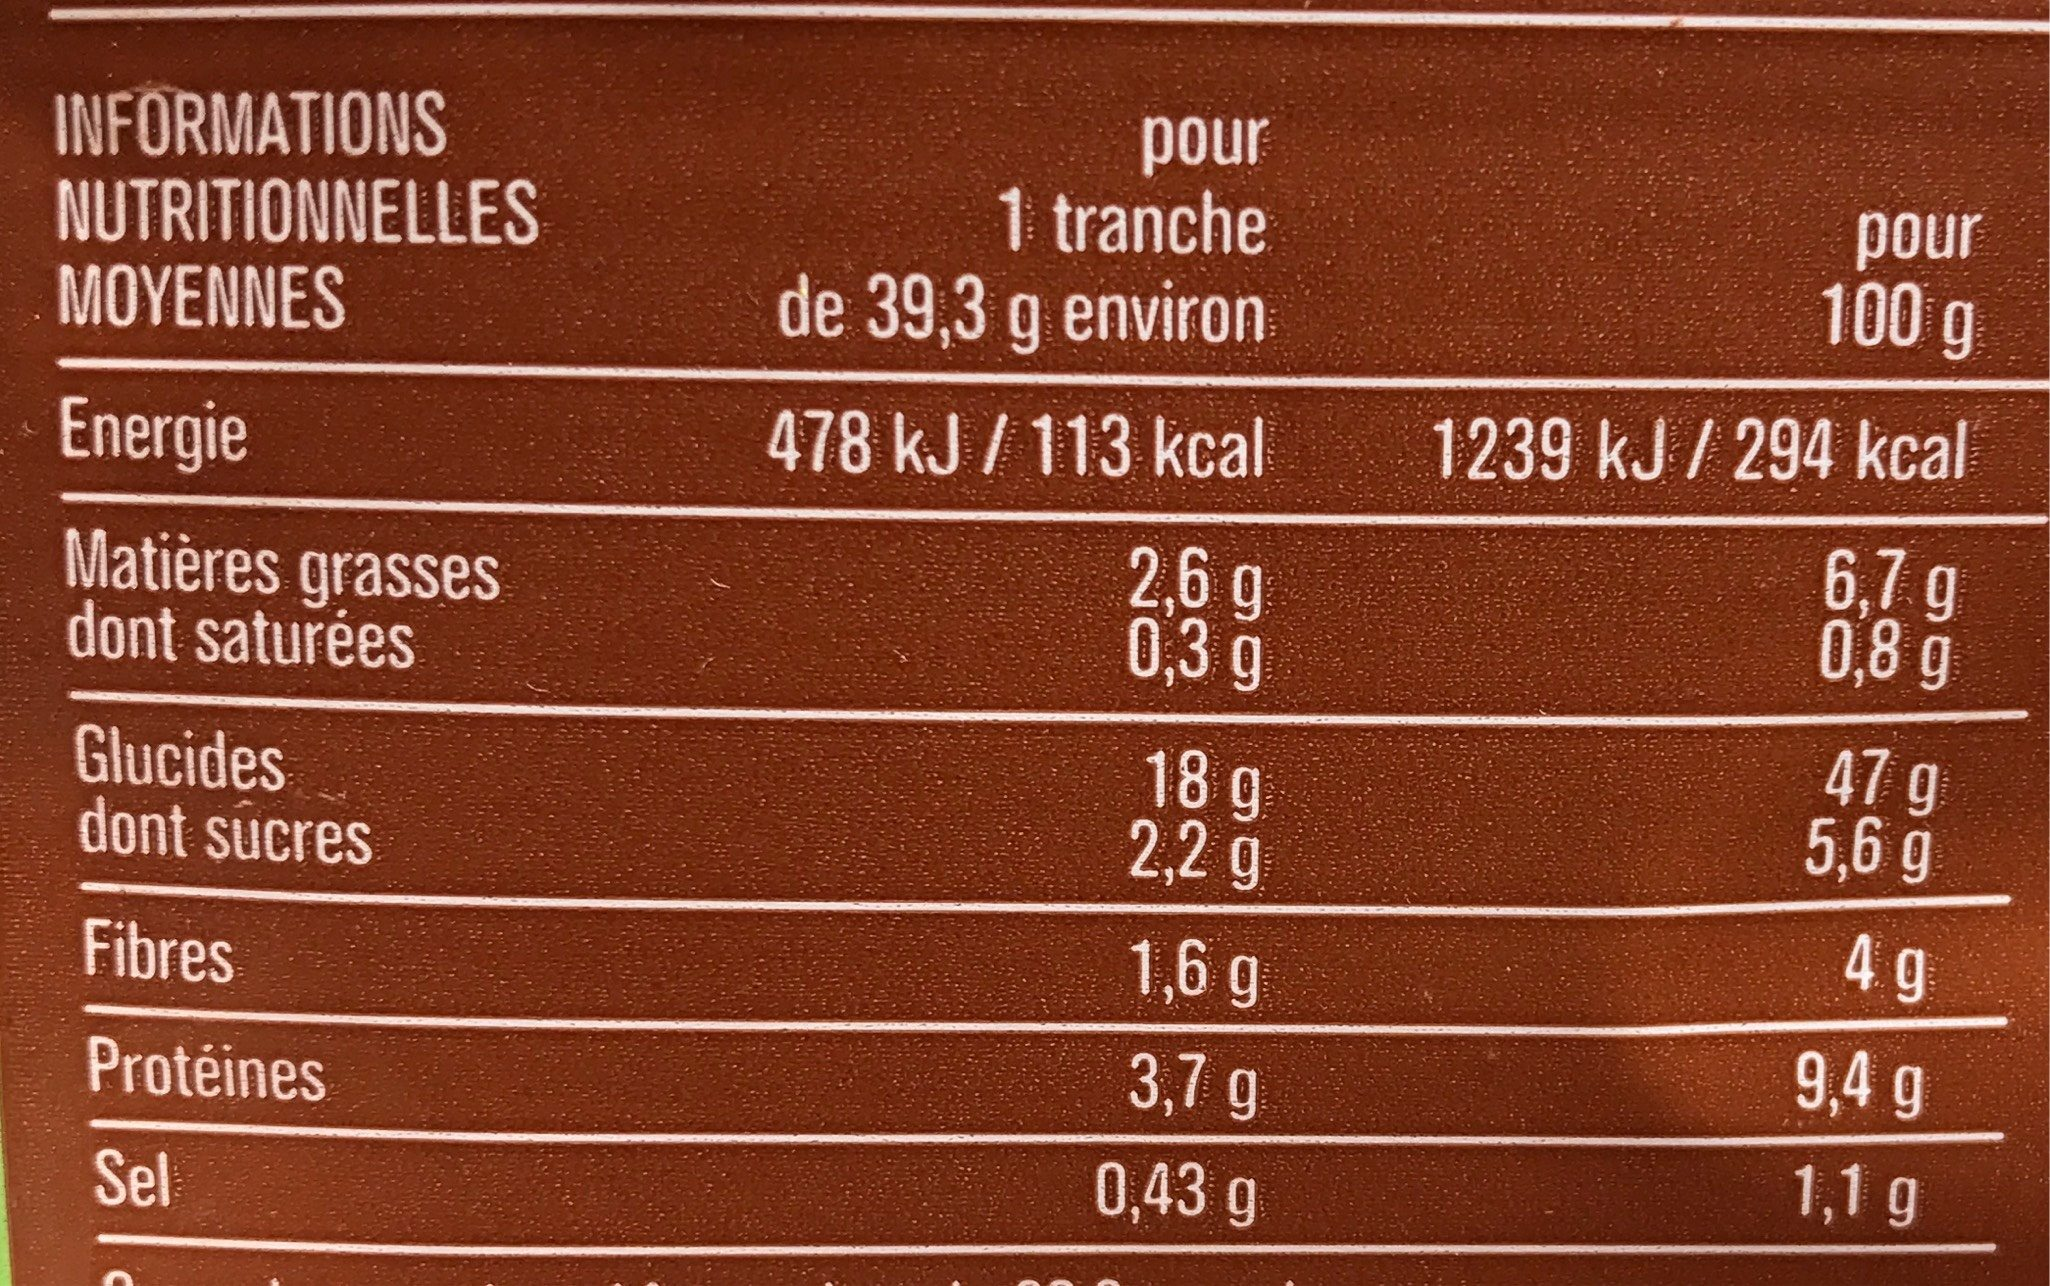 Le 7 Céréales Pain de Mie - Informations nutritionnelles - fr